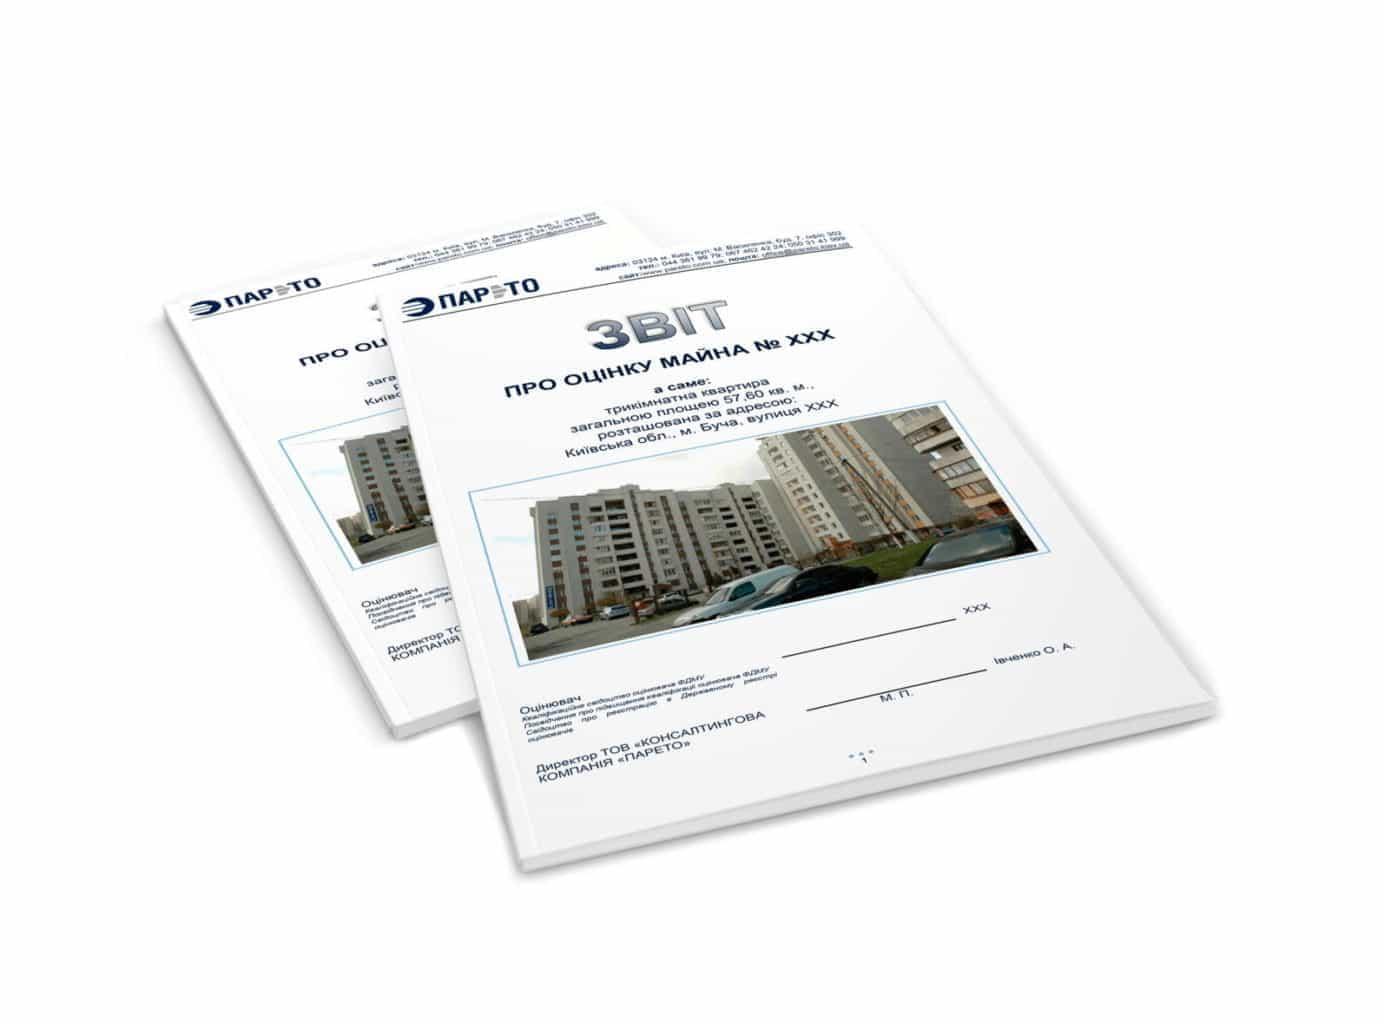 Пример отчета об оценке квартиры, ЭКСПЕРТНАЯ ОЦЕНКА ДОМА